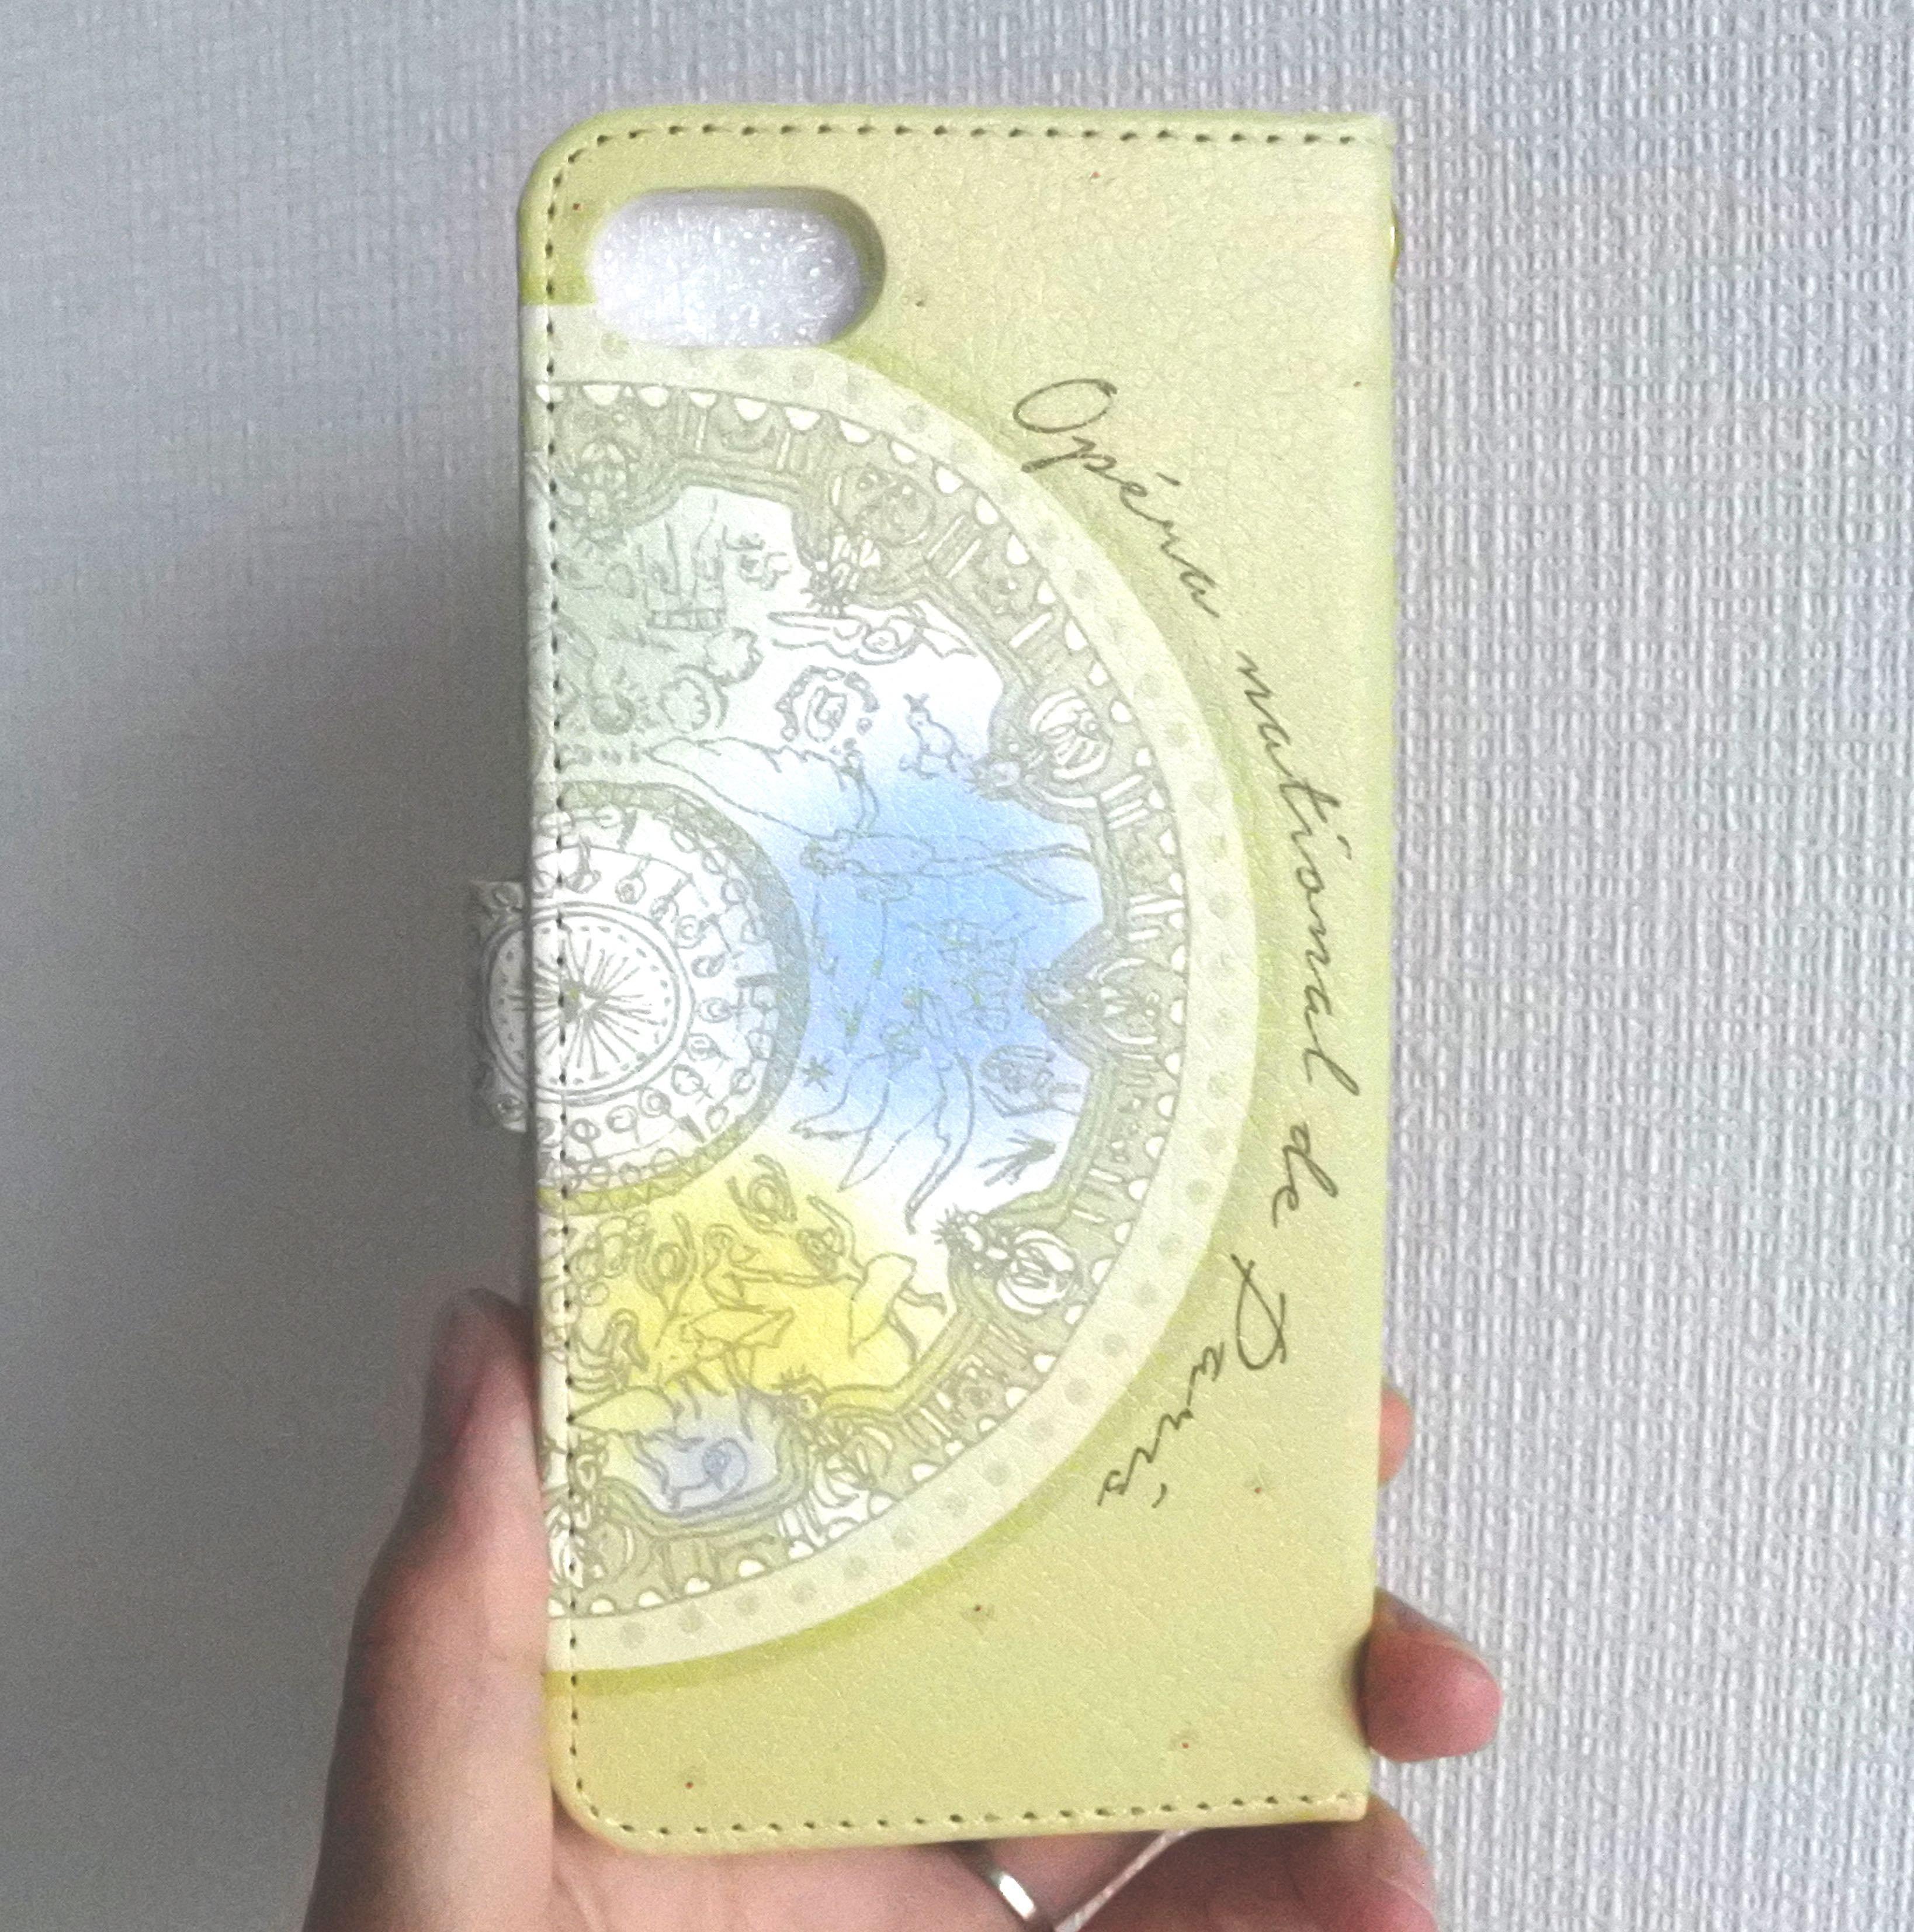 ★パリ・オペラ座コラボ★ (Android)オニールハナ 手帳型スマホケース - 画像2